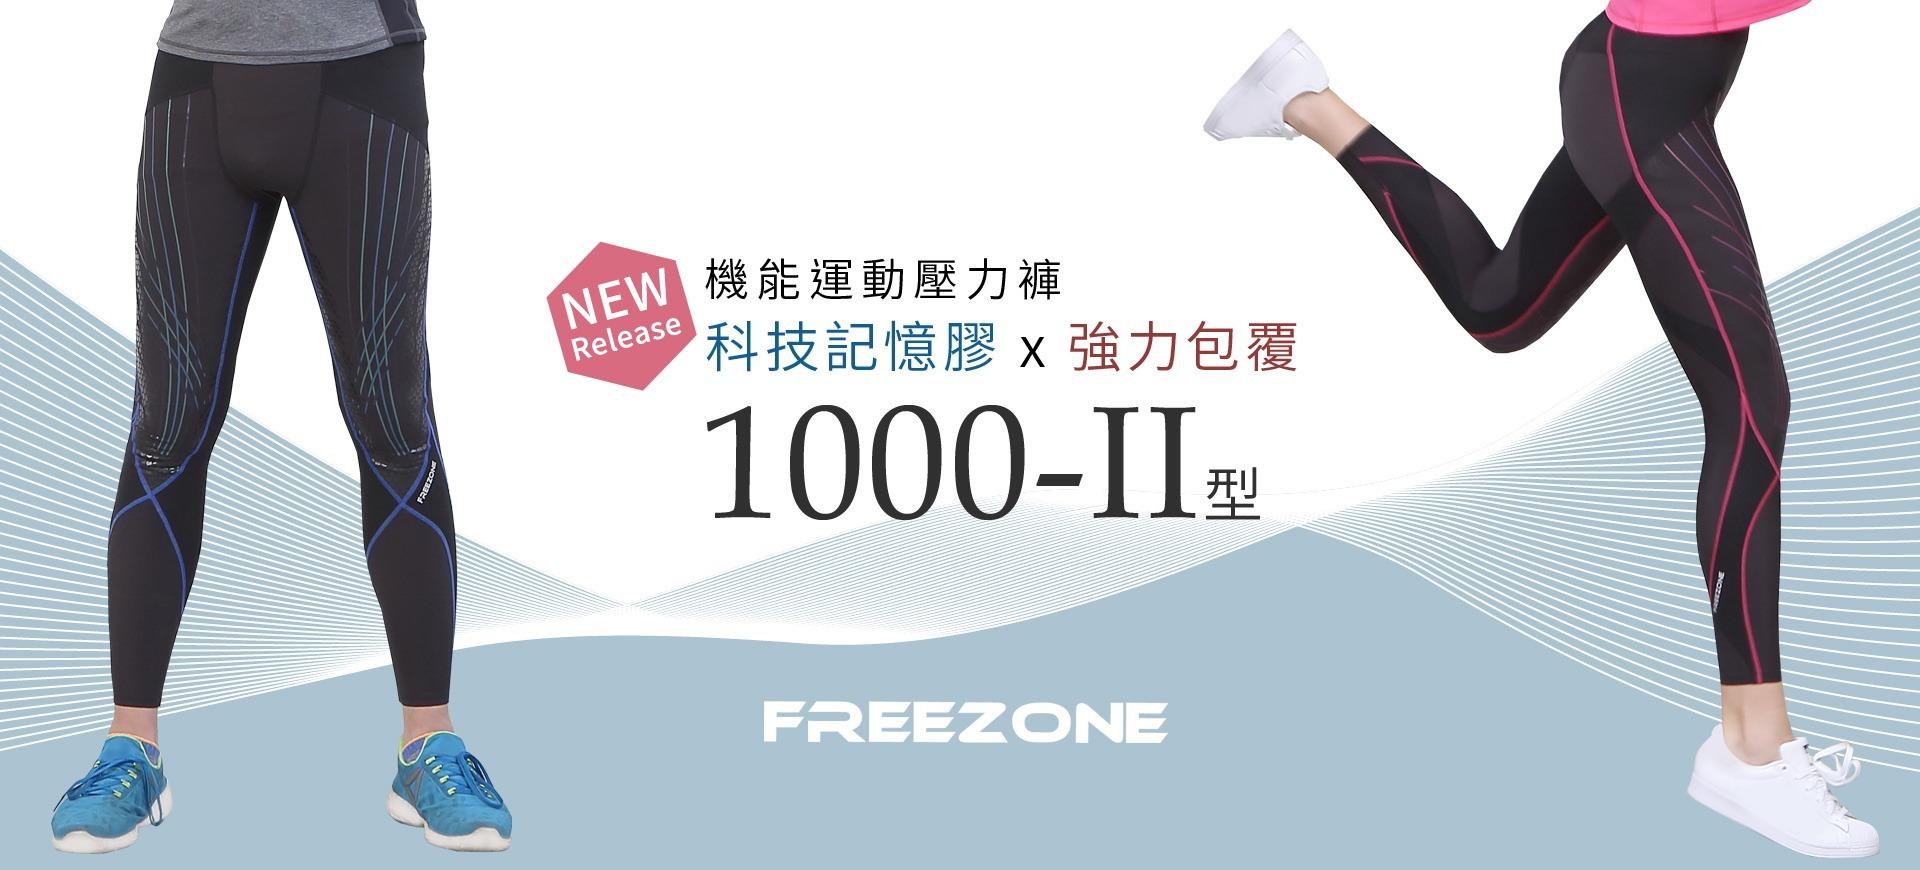 新品 強力包覆型1000-II